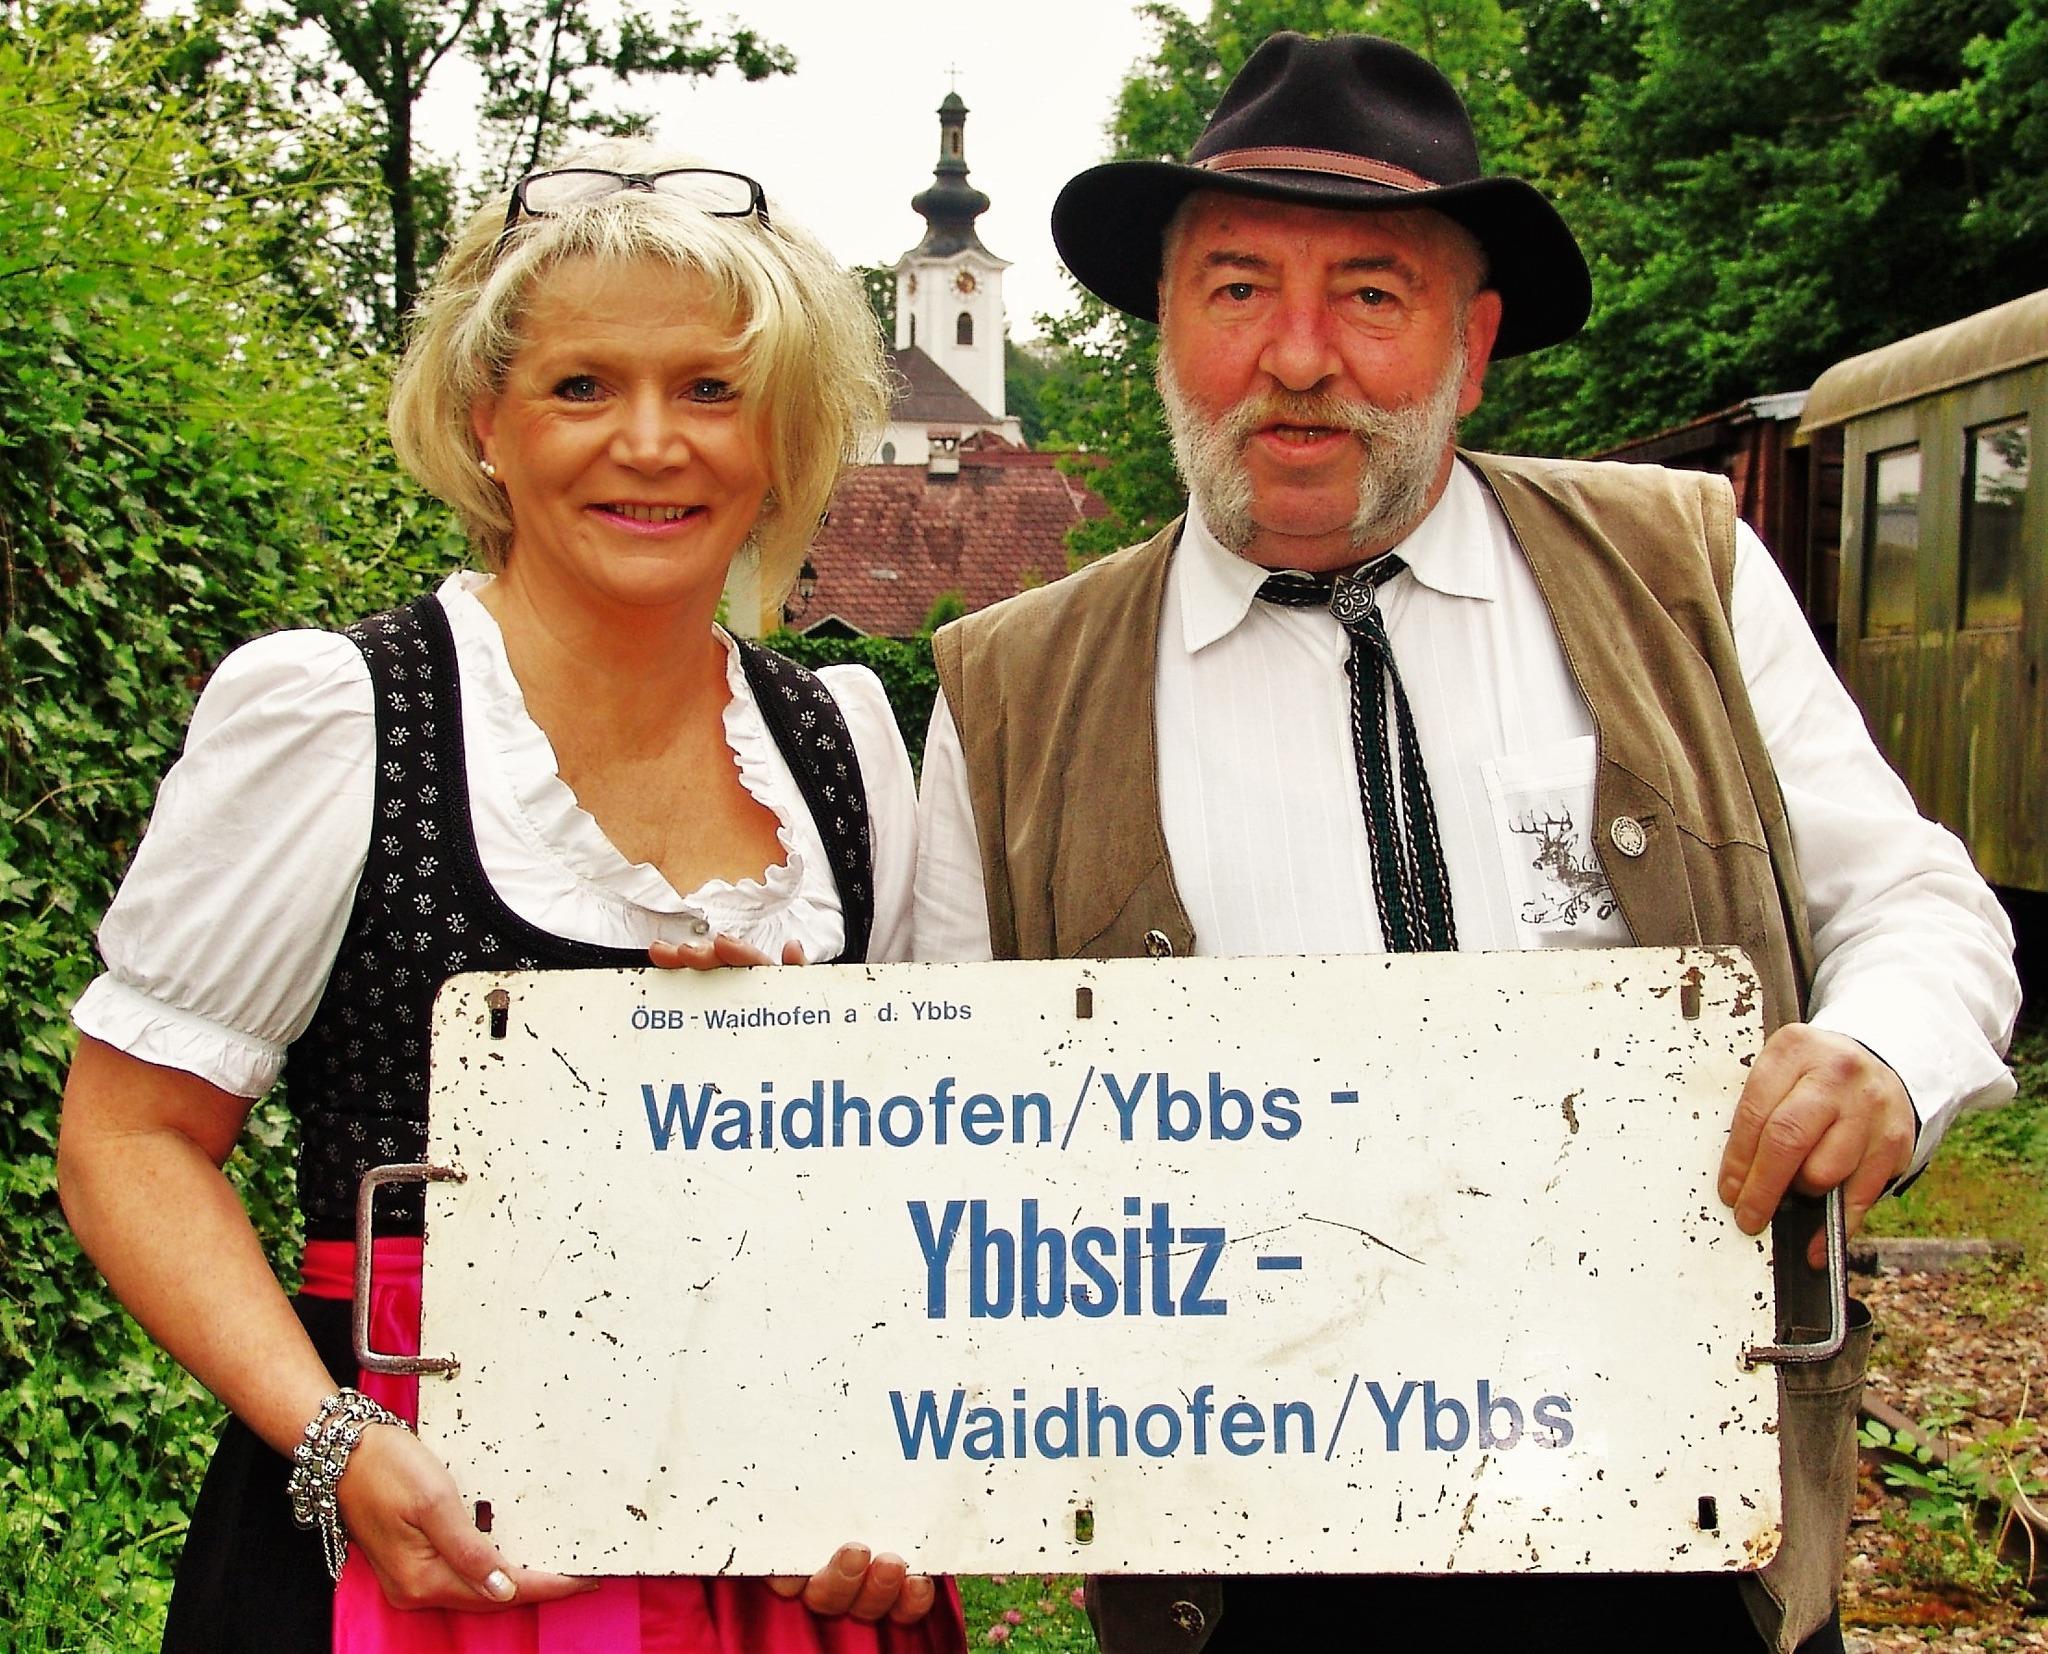 Mann sucht Frau Ybbsitz | Locanto Casual Dating Ybbsitz